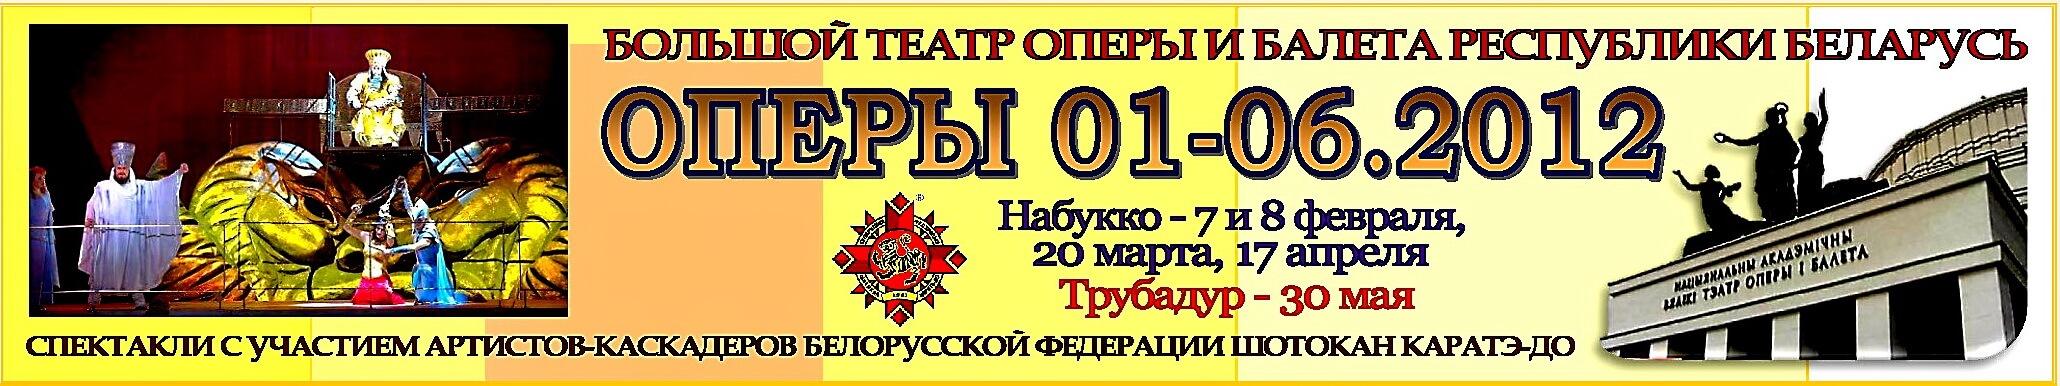 НАБТ 2012 01-06 Оперы Баннер